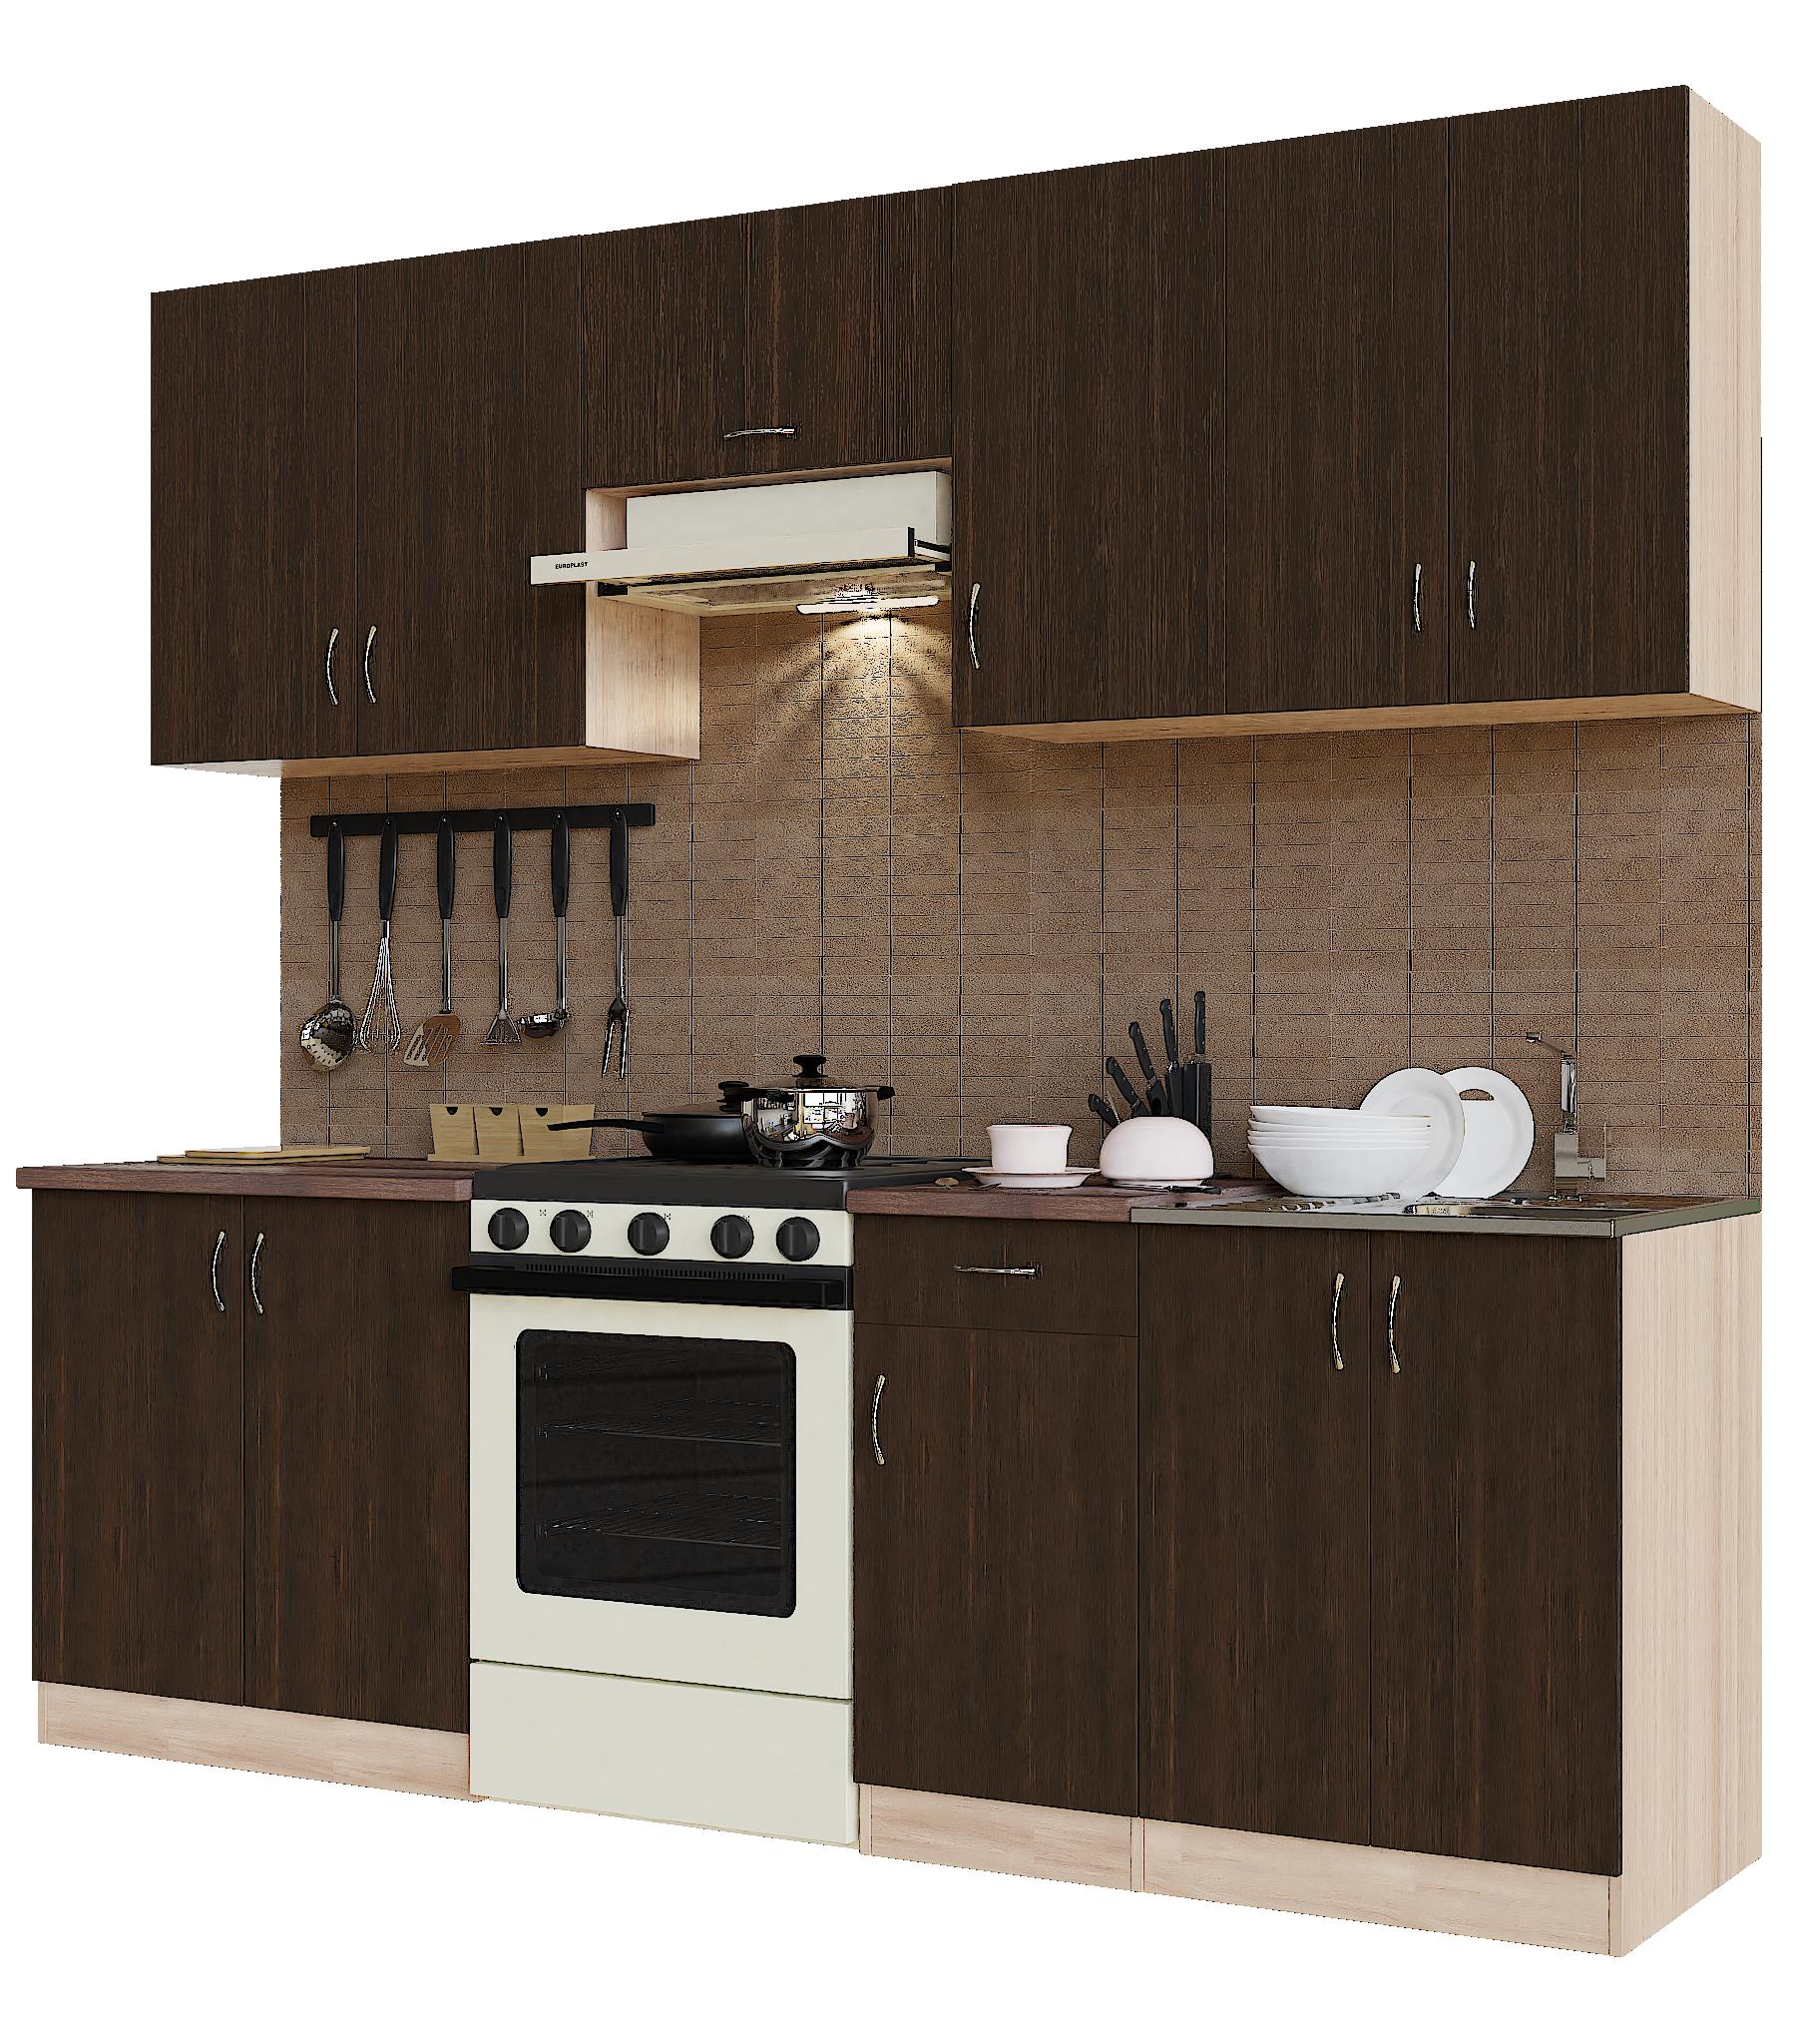 Кухонный гарнитур Sanvut ГК2400-1.3.1 Шимо светлый / Венге (венге)